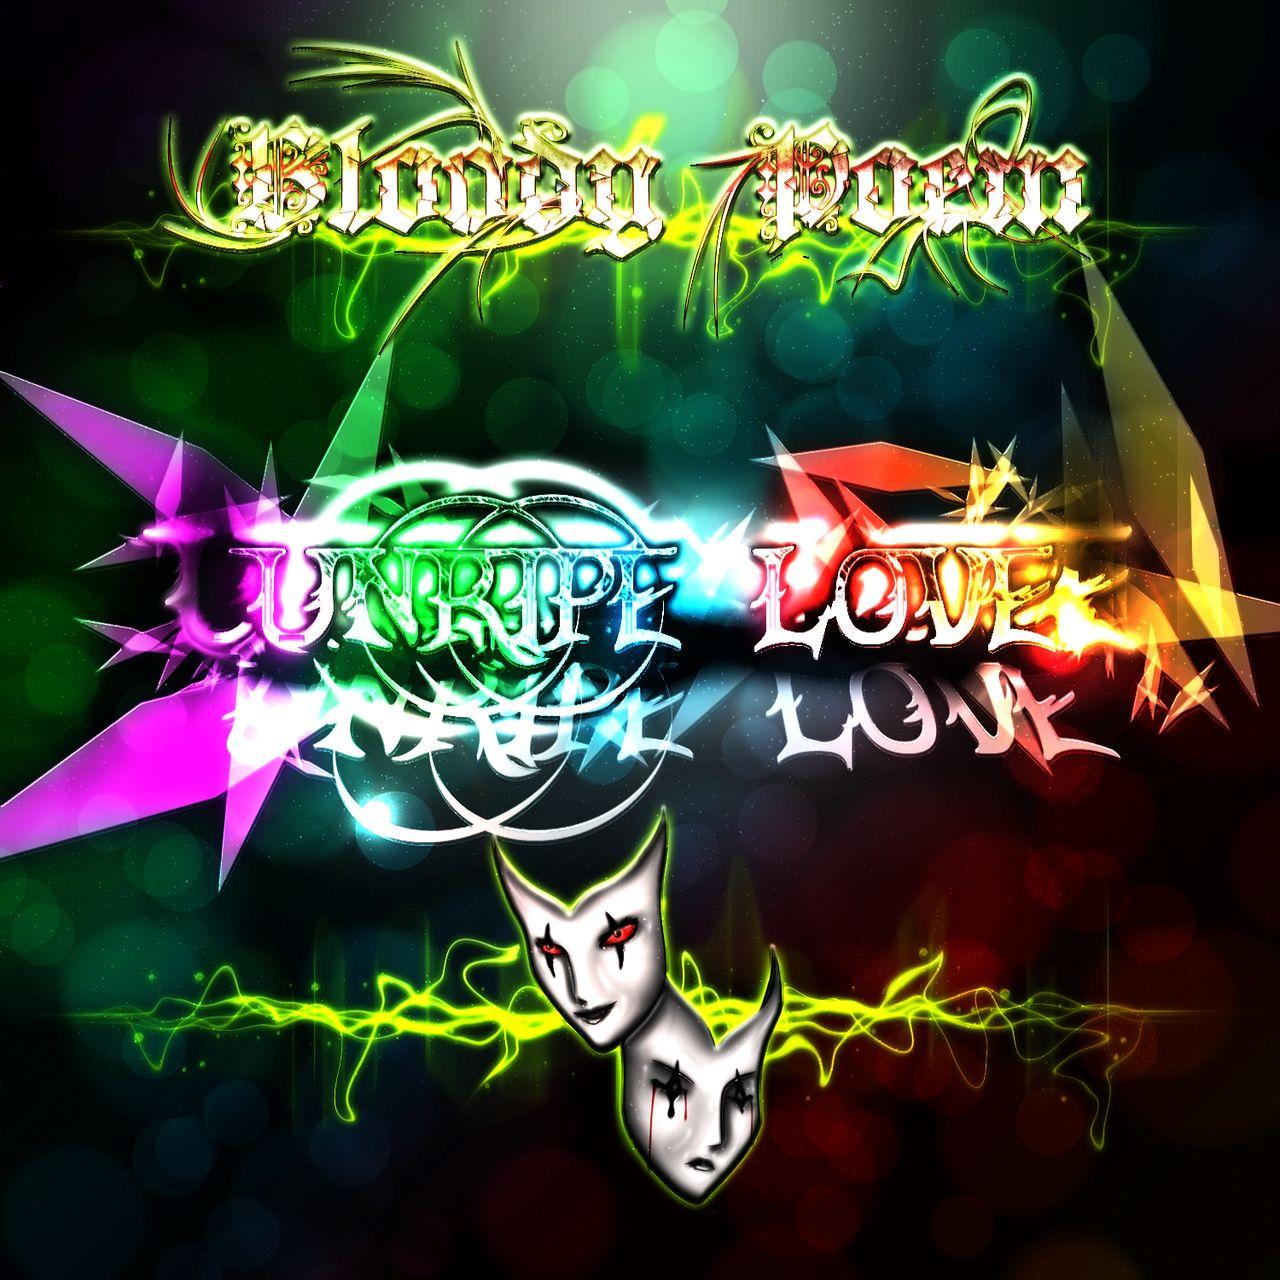 Bloody Poem - Unripe Love